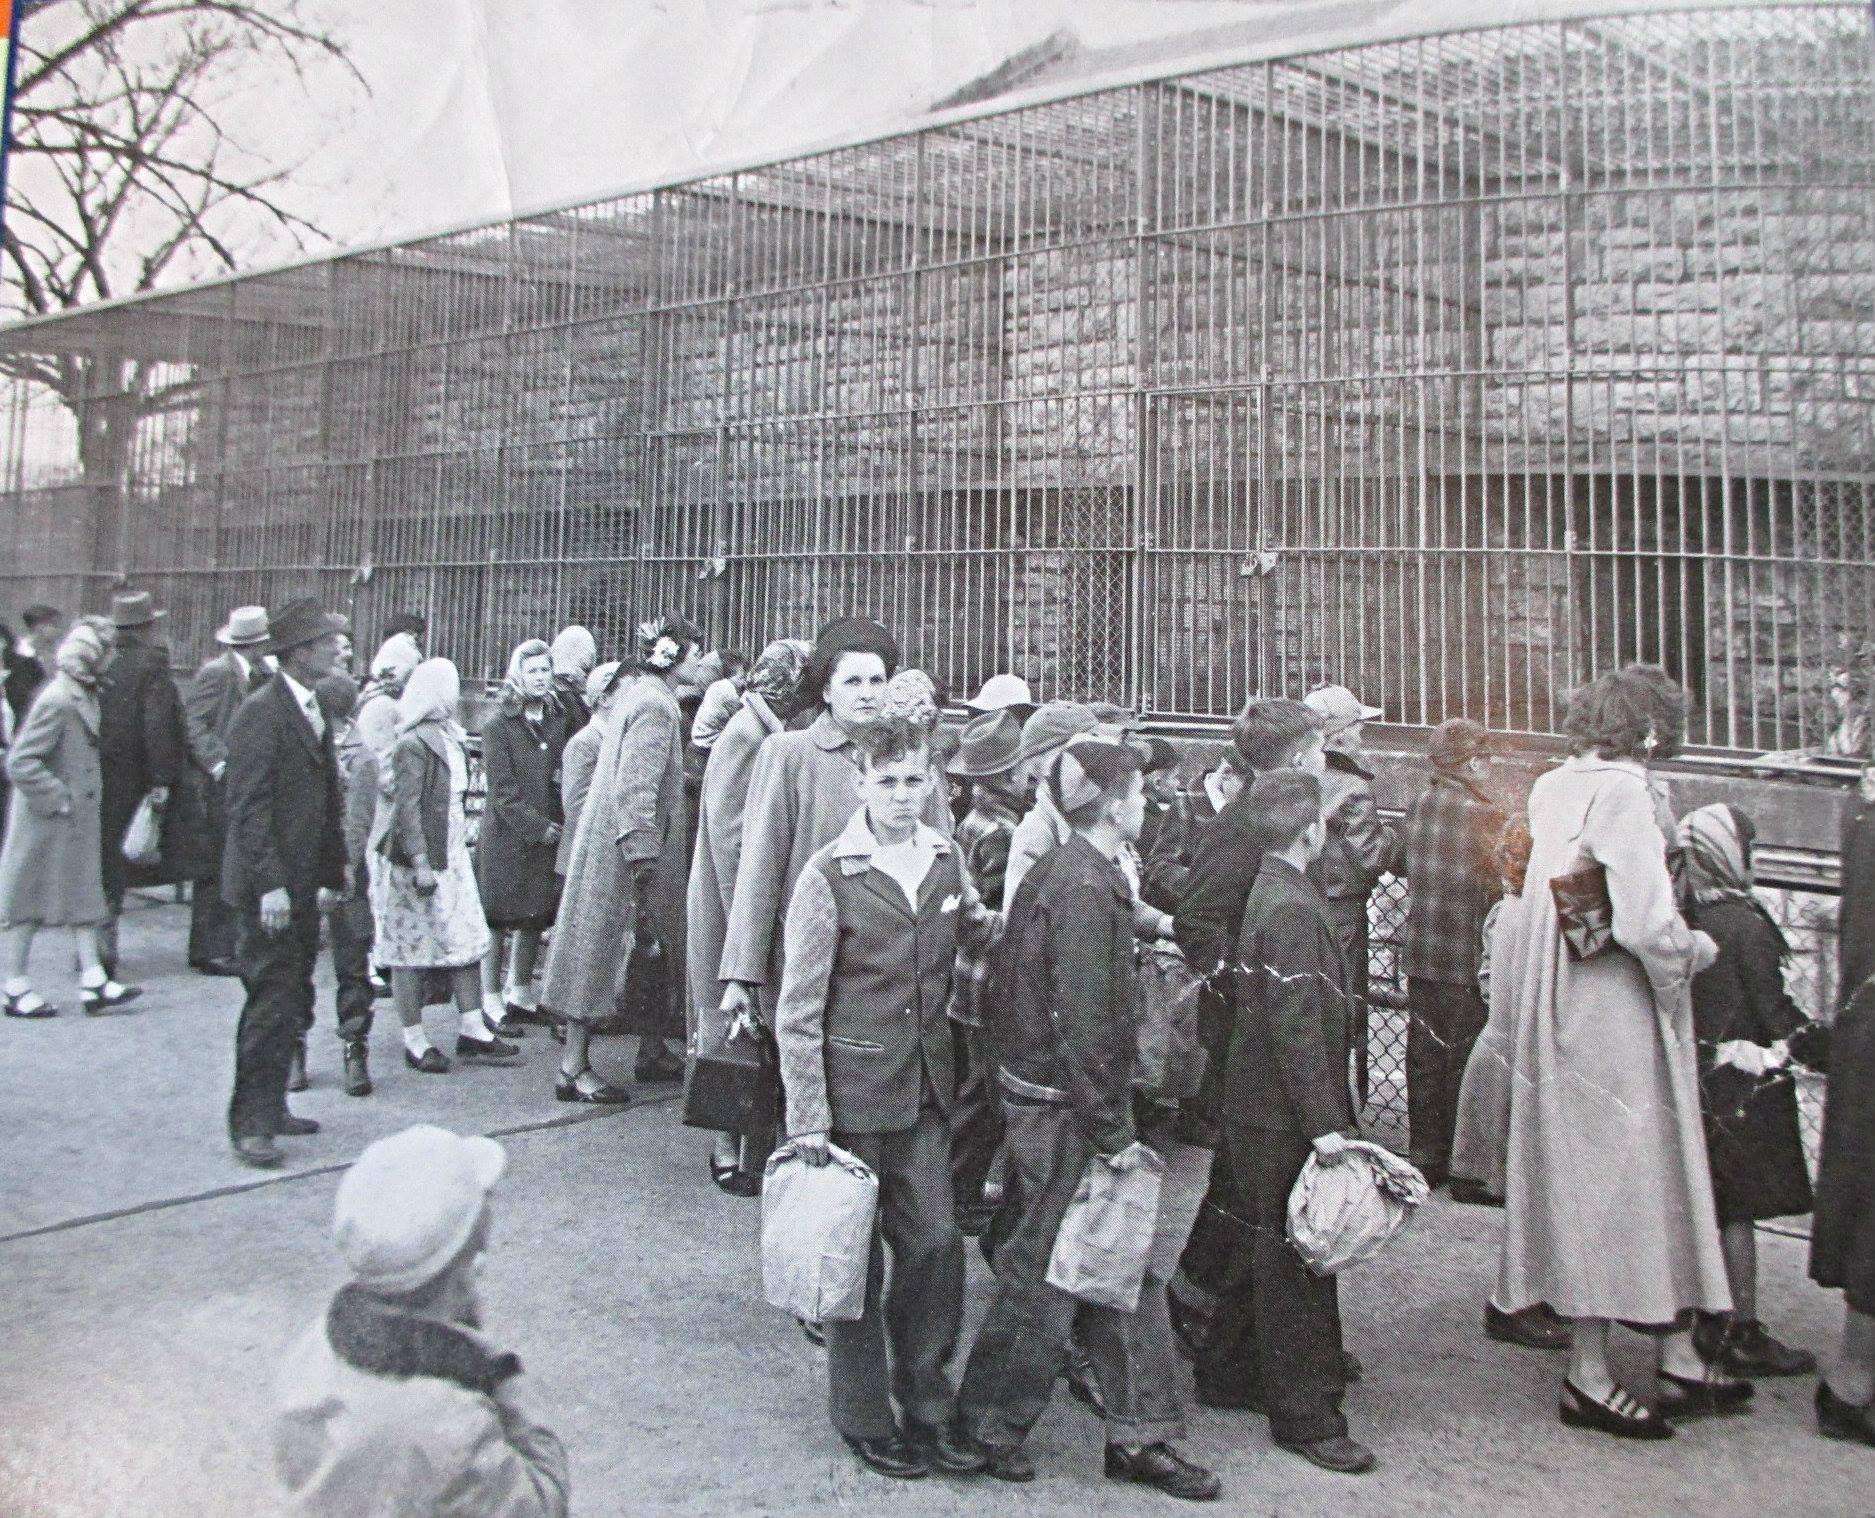 1950 Walking Outside At Kansas City Zoo Kansas City Zoo Kansas City Missouri Kansas City